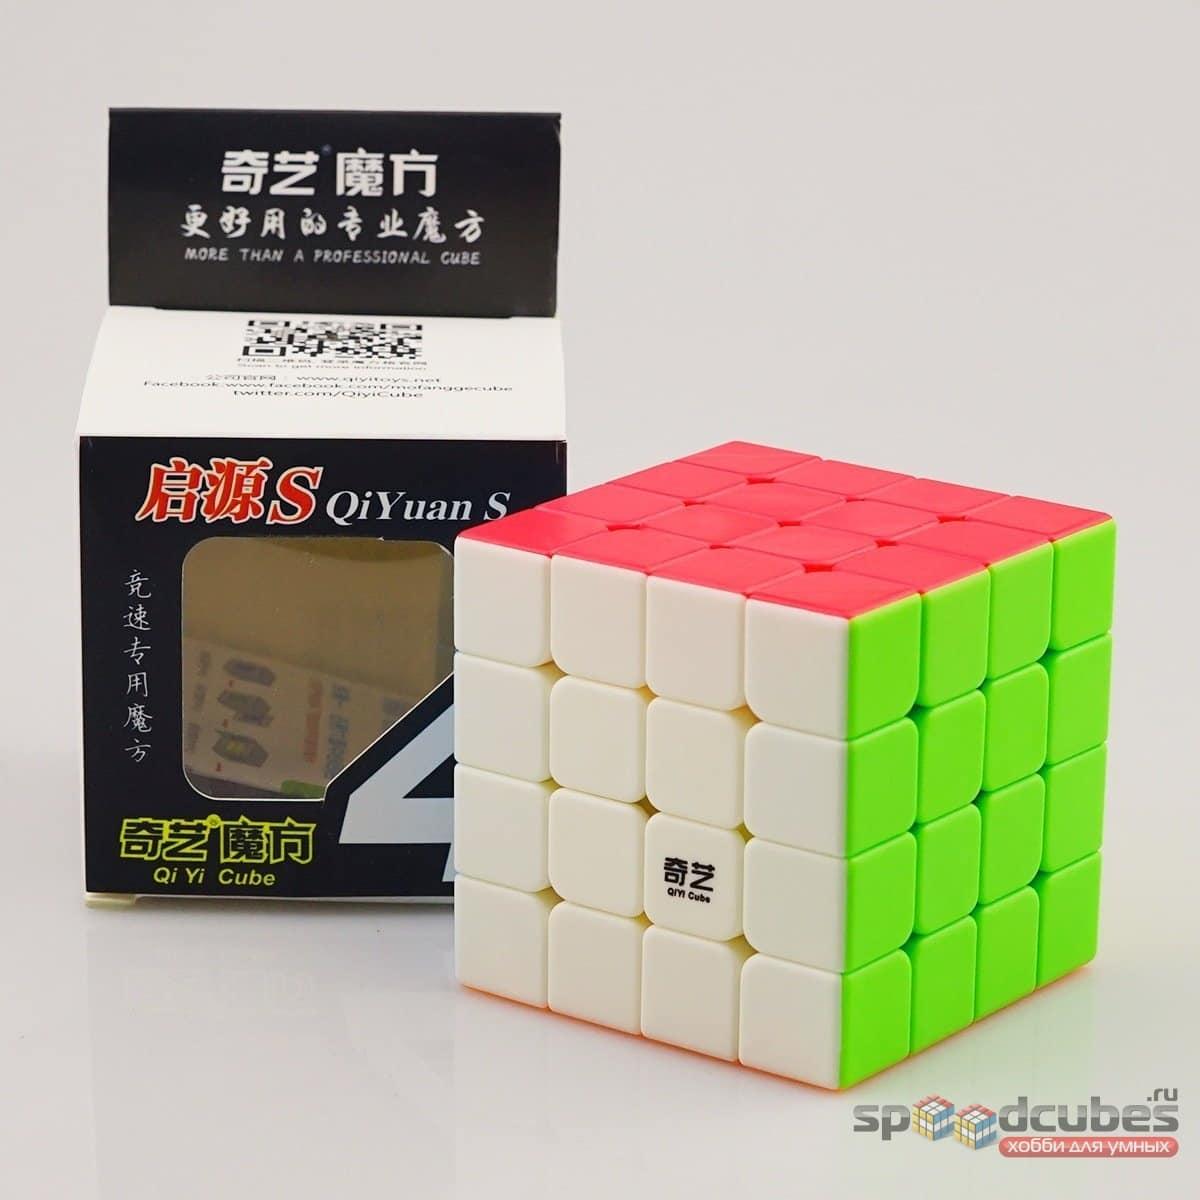 Qiyi 4×4 Qiyuan 1